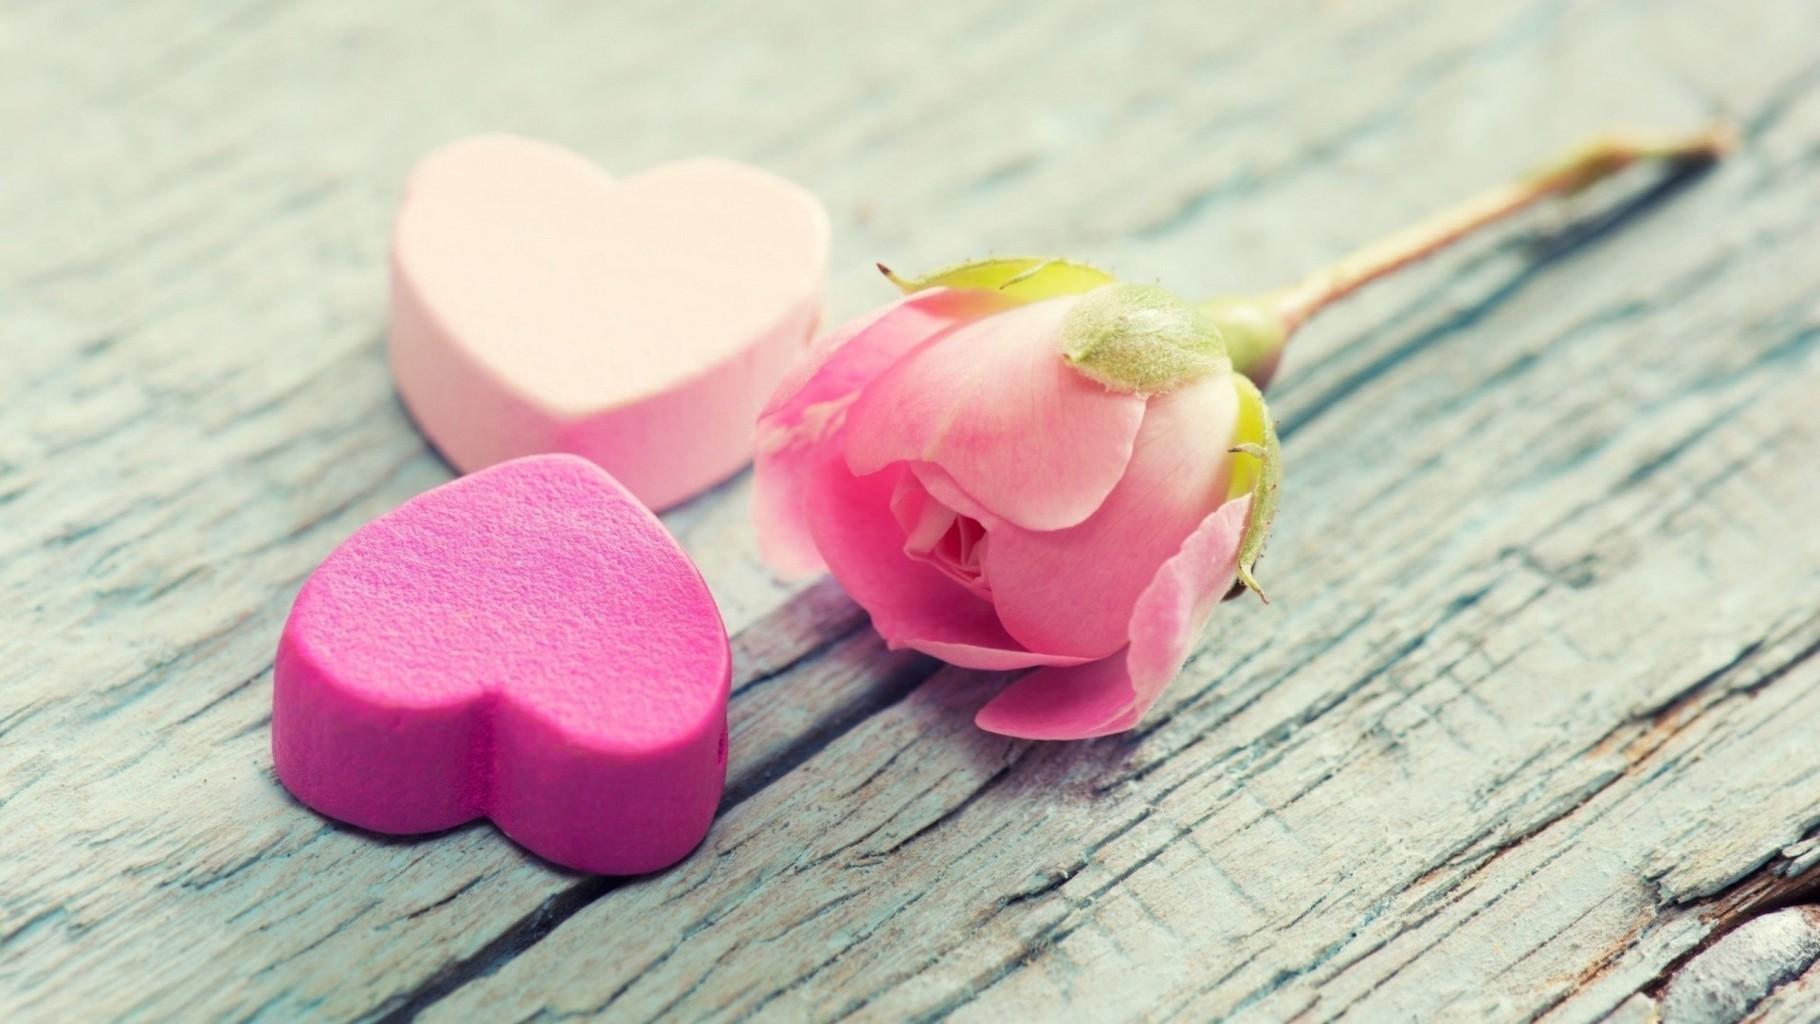 Càng lớn càng hiểu ra, yêu hay không chỉ là thứ yếu, quan trọng là…